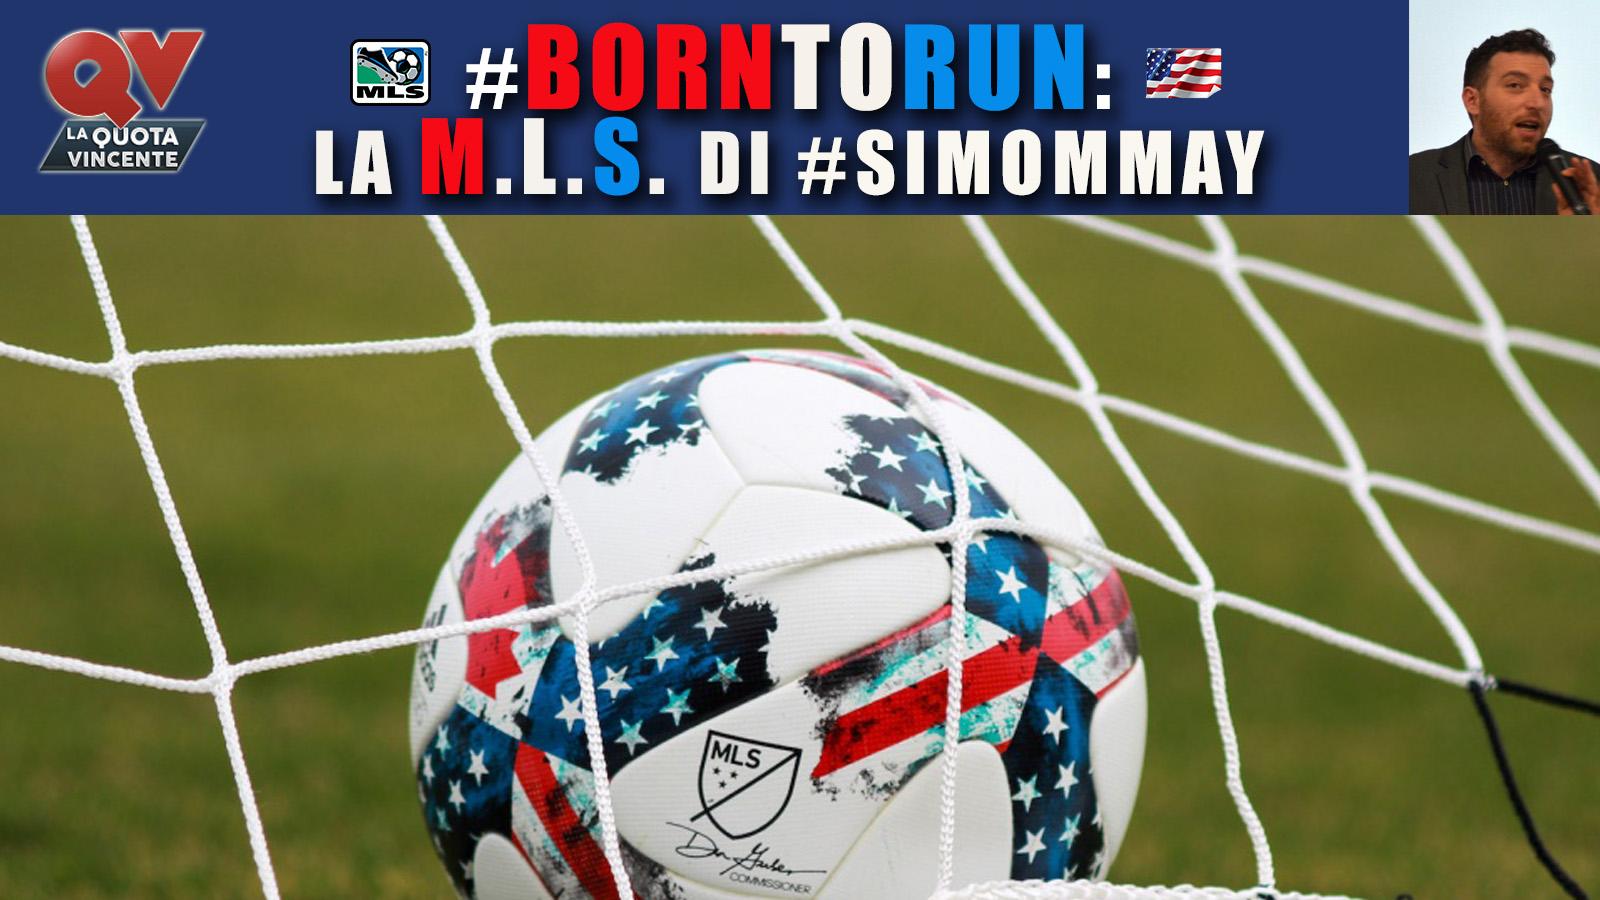 Pronostici MLS sabato 11 agosto: l'analisi di tutte le gare del campionato americano